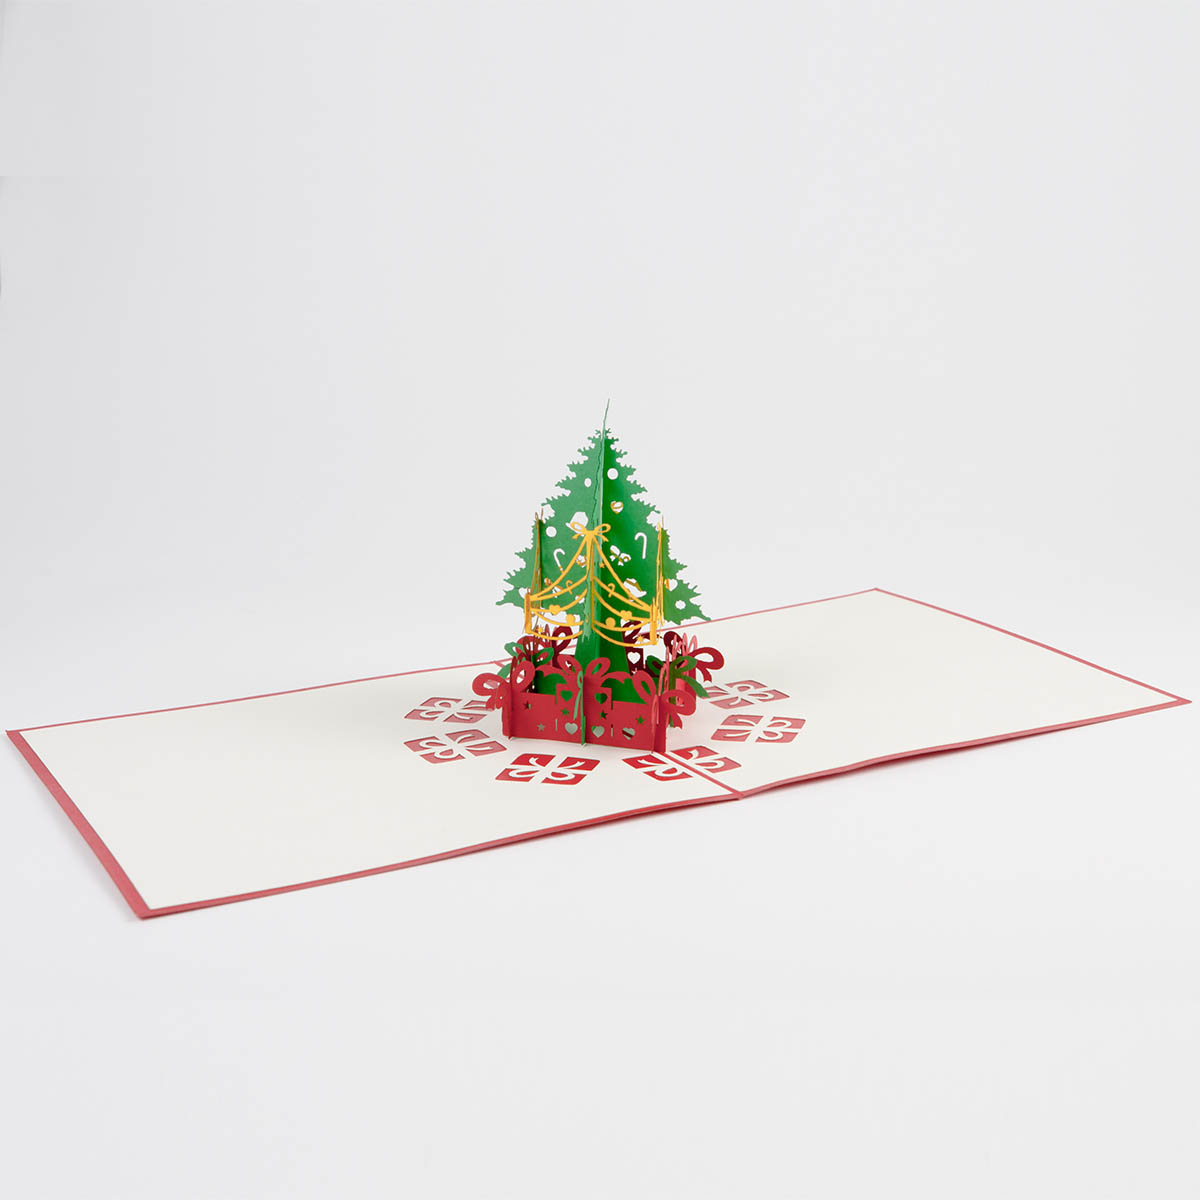 Pop Up Karte Tannenbaum.Tannenbaum Pop Up Karten Die Begeistern 3d Pop Up Karten